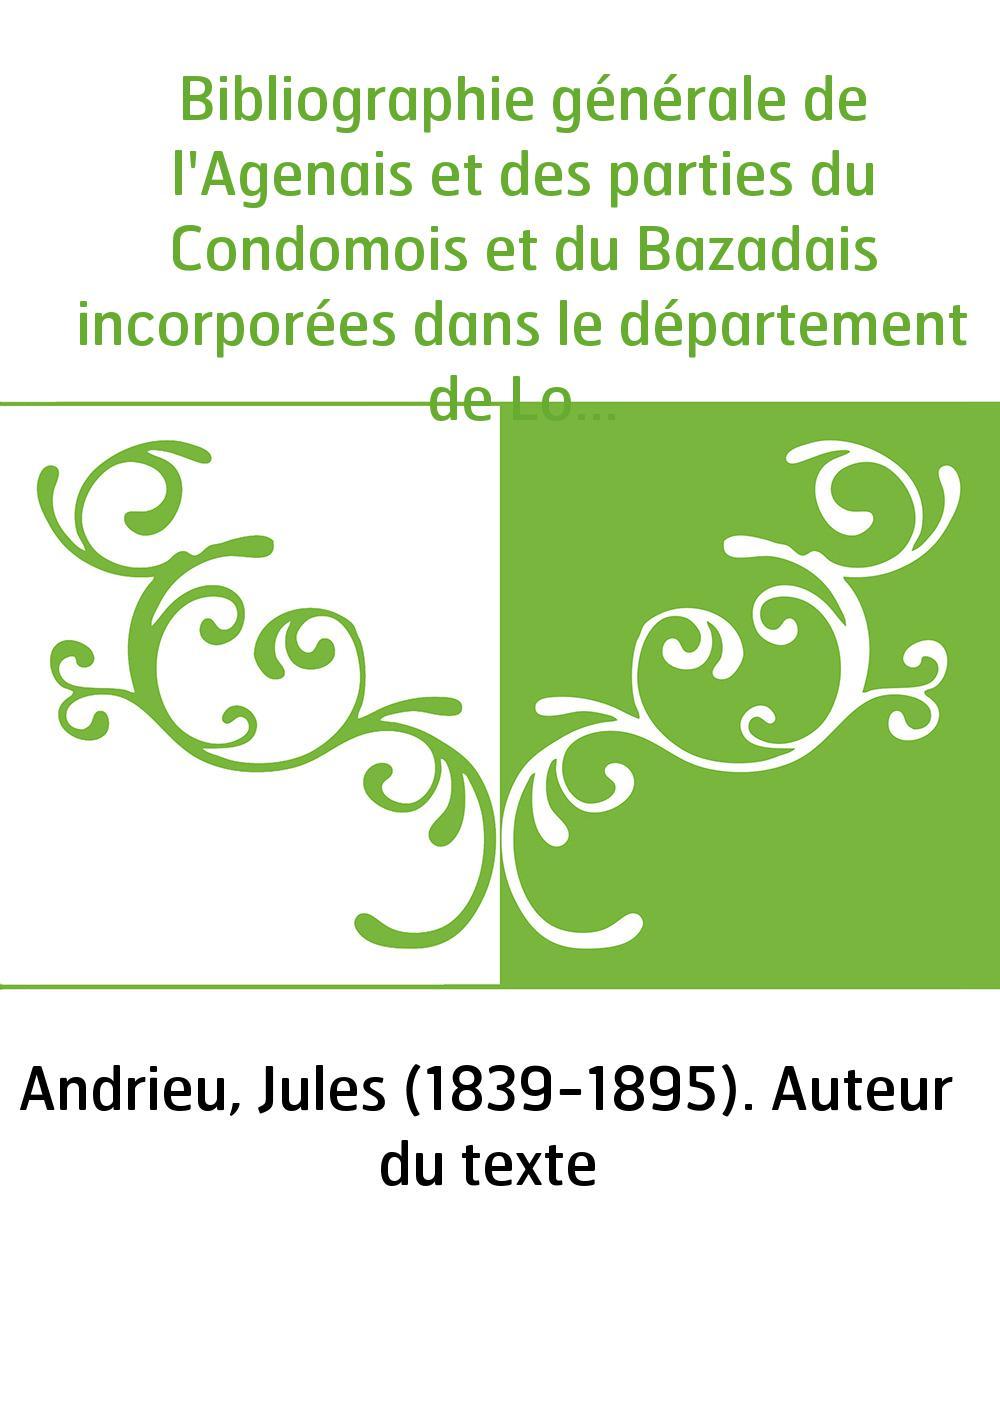 Bibliographie générale de l'Agenais et des parties du Condomois et du Bazadais incorporées dans le département de Lot-et-Garonne